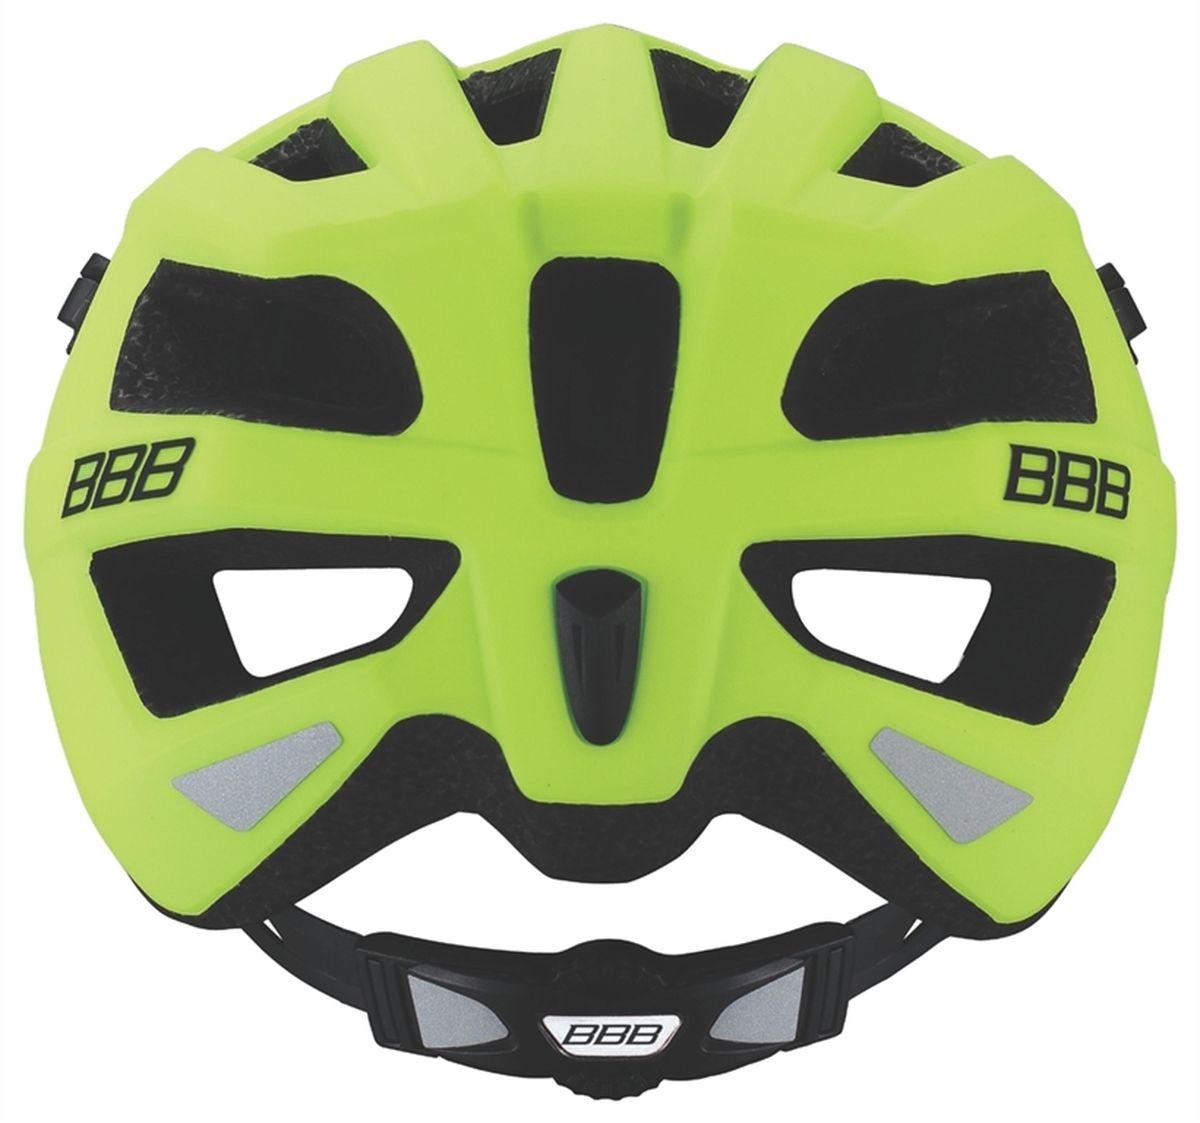 Если вы в поисках по-настоящему универсального шлема, то Kite - именно то, что нужно. Продуманная конструкция со съёмным козырьком предельно функциональна. Катаетесь ли вы по шоссе, или по трейлам - с Kite вы всегда в безопасности. Низкопрофильная конструкция обеспечивает дополнительную защиту наиболее уязвимых участков головы. Поликарбонатная оболочка обеспечивает наилучшую защиту. Основой для комфортной и, при этом, плотной посадки послужила легендарная hi-end модель Icarus. Kite - это наша лучшая разработка, одинаково хорошо подходящая как для шоссе, так и для MTB. Интегрированная конструкция. 14 вентиляционных отверстий. Отверстия для вентиляции в задней части шлема для оптимального распределения потоков воздуха. Сетка для защиты от залетающих в шлем насекомых. Настраиваемые ремешки для максимально комфортной посадки. Простая в использовании система настройки TwistClose. Съёмный козырёк со скрытым креплением. Съемные мягкие накладки с антибактериальными свойствами и возможностью стирки. Светоотражающие наклейки на задней части шлема. Размеры: M (55-58 см) и L (58-62 см).